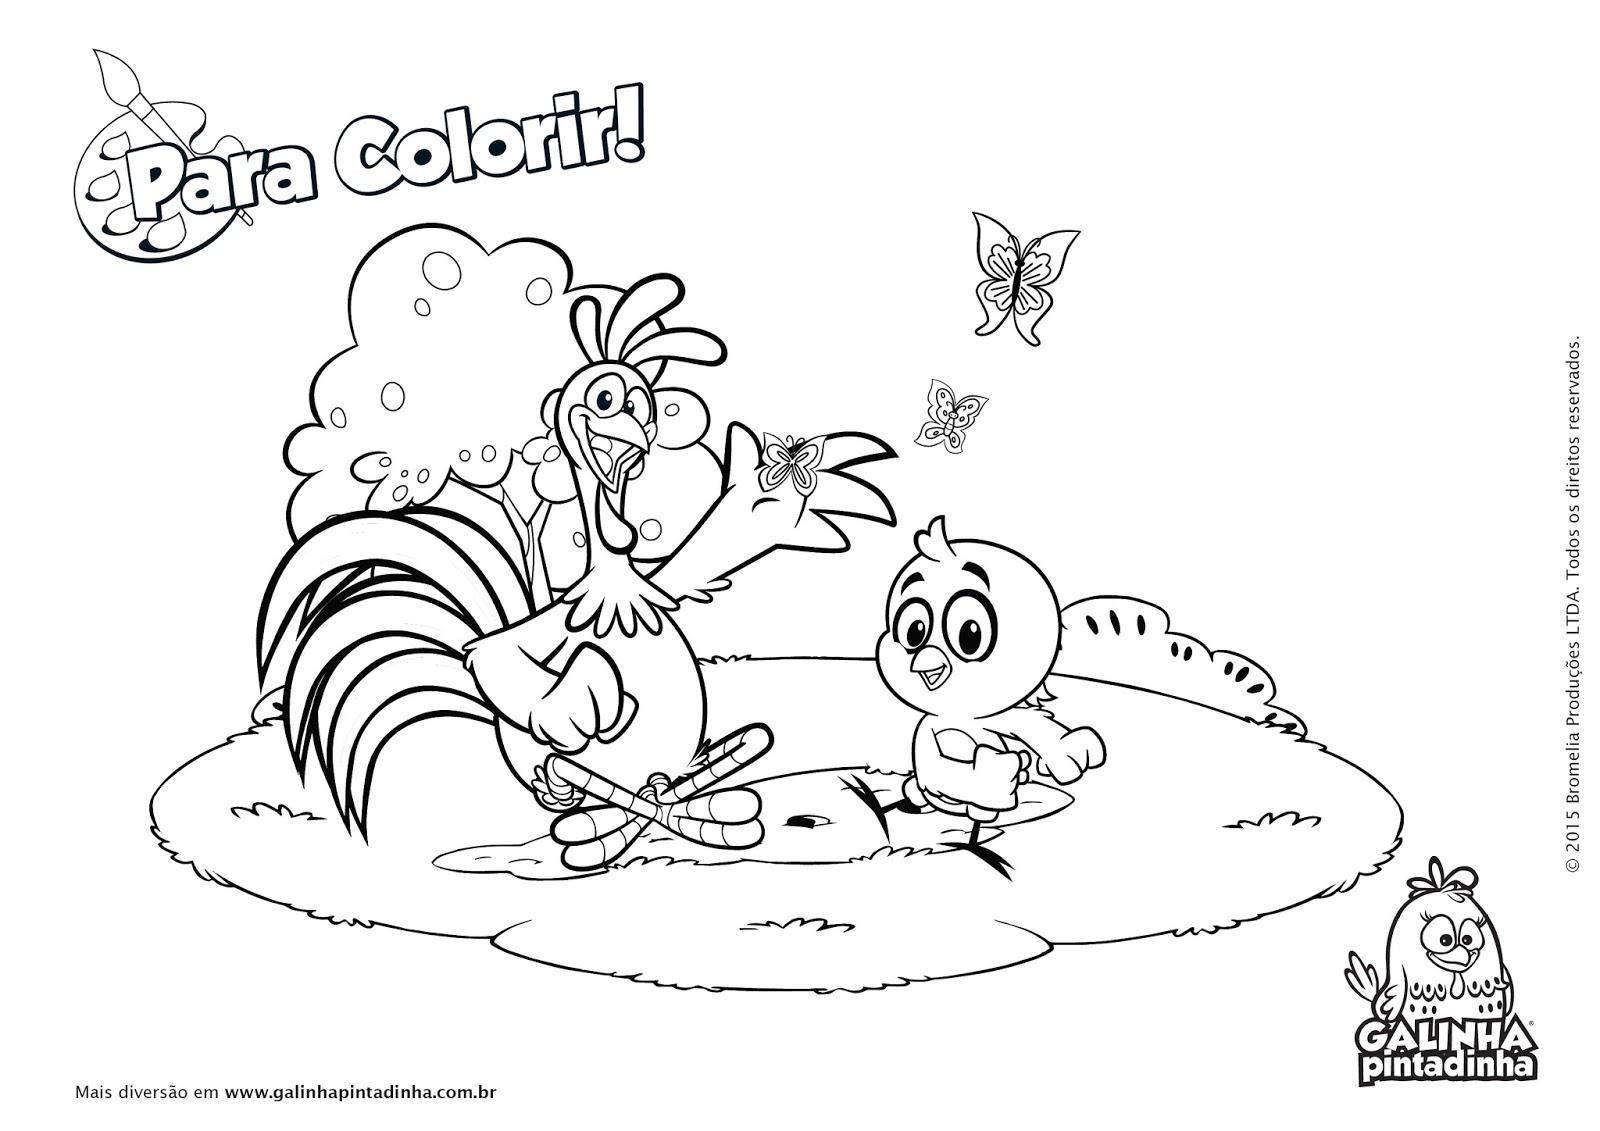 Muitos Desenhos Da Galinha Pintadinha Para Colorir, Pintar